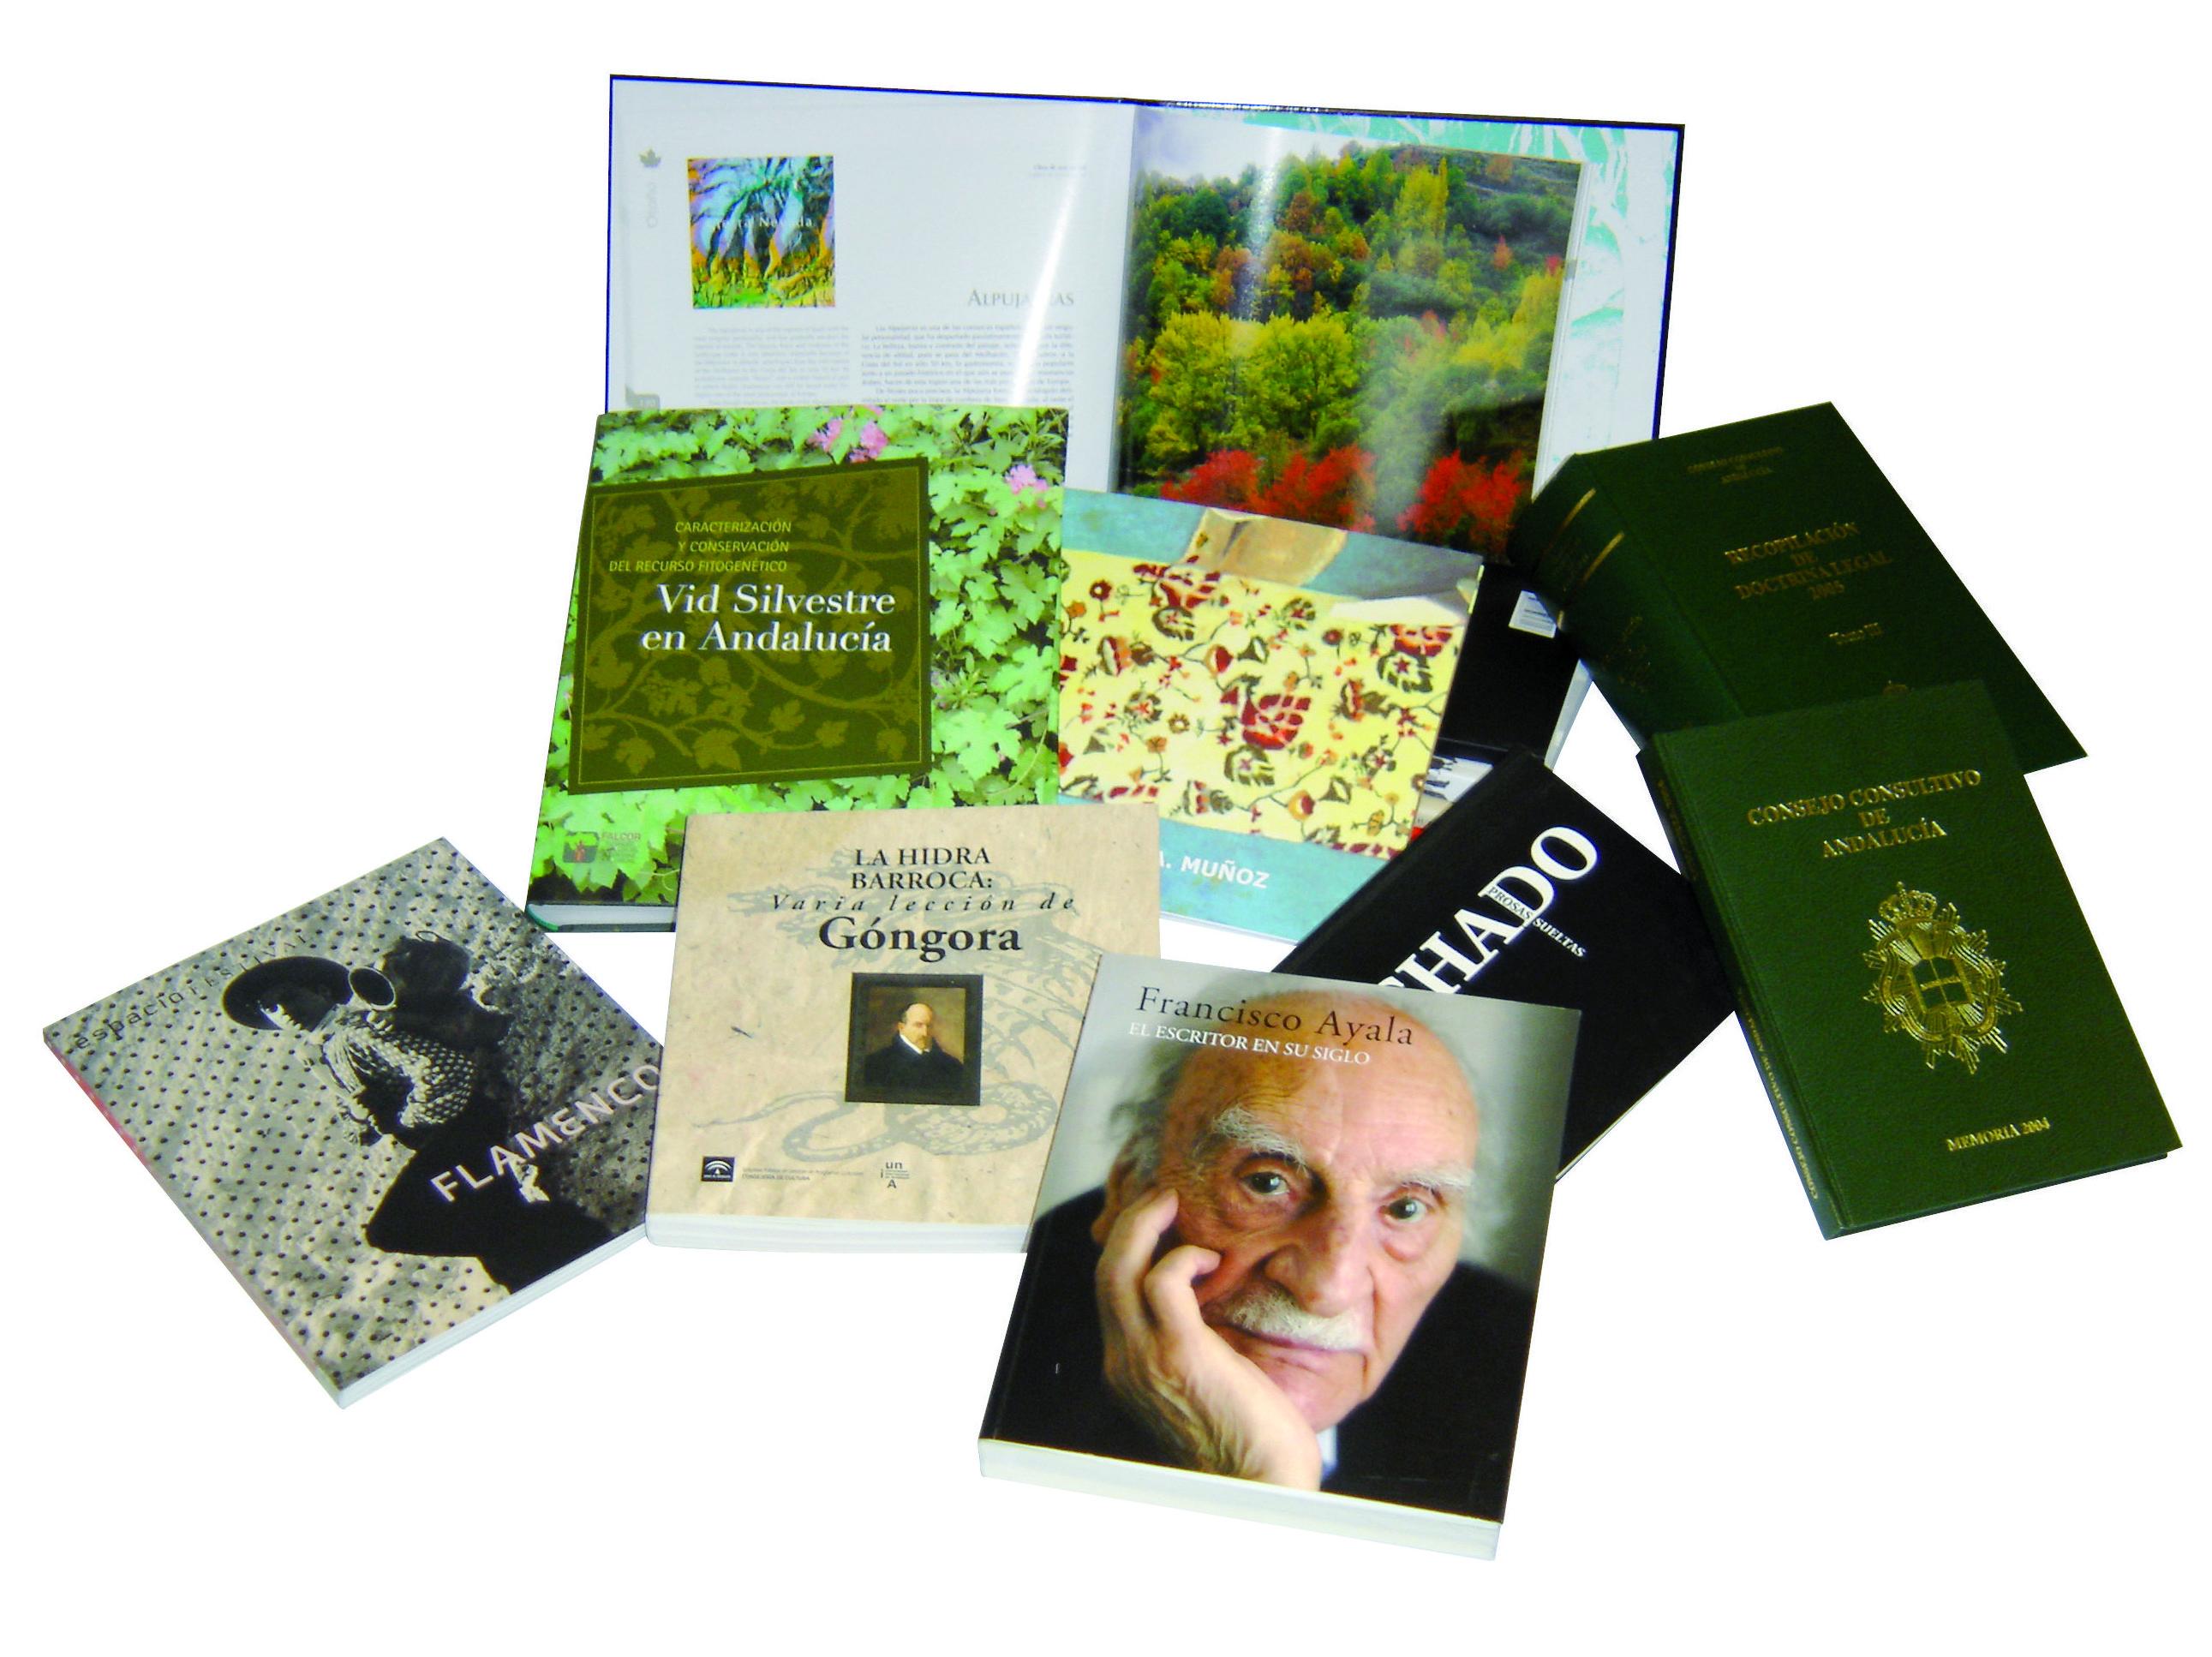 Libros, edición, colecciones...